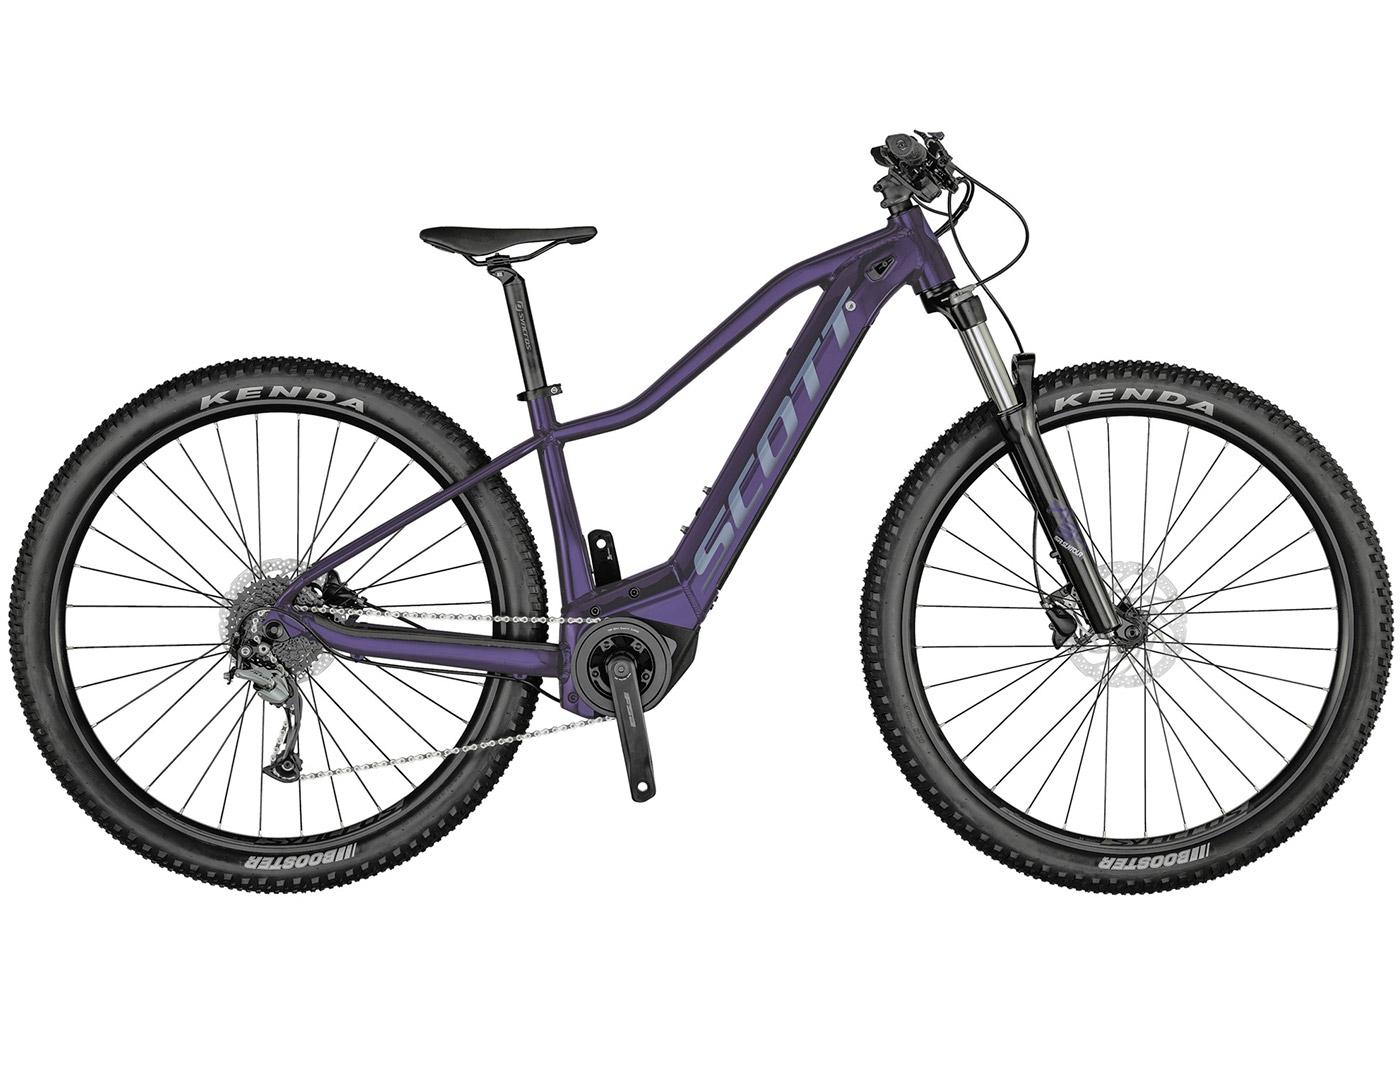 Велосипед Scott Contessa Active eRIDE 930 (2021)